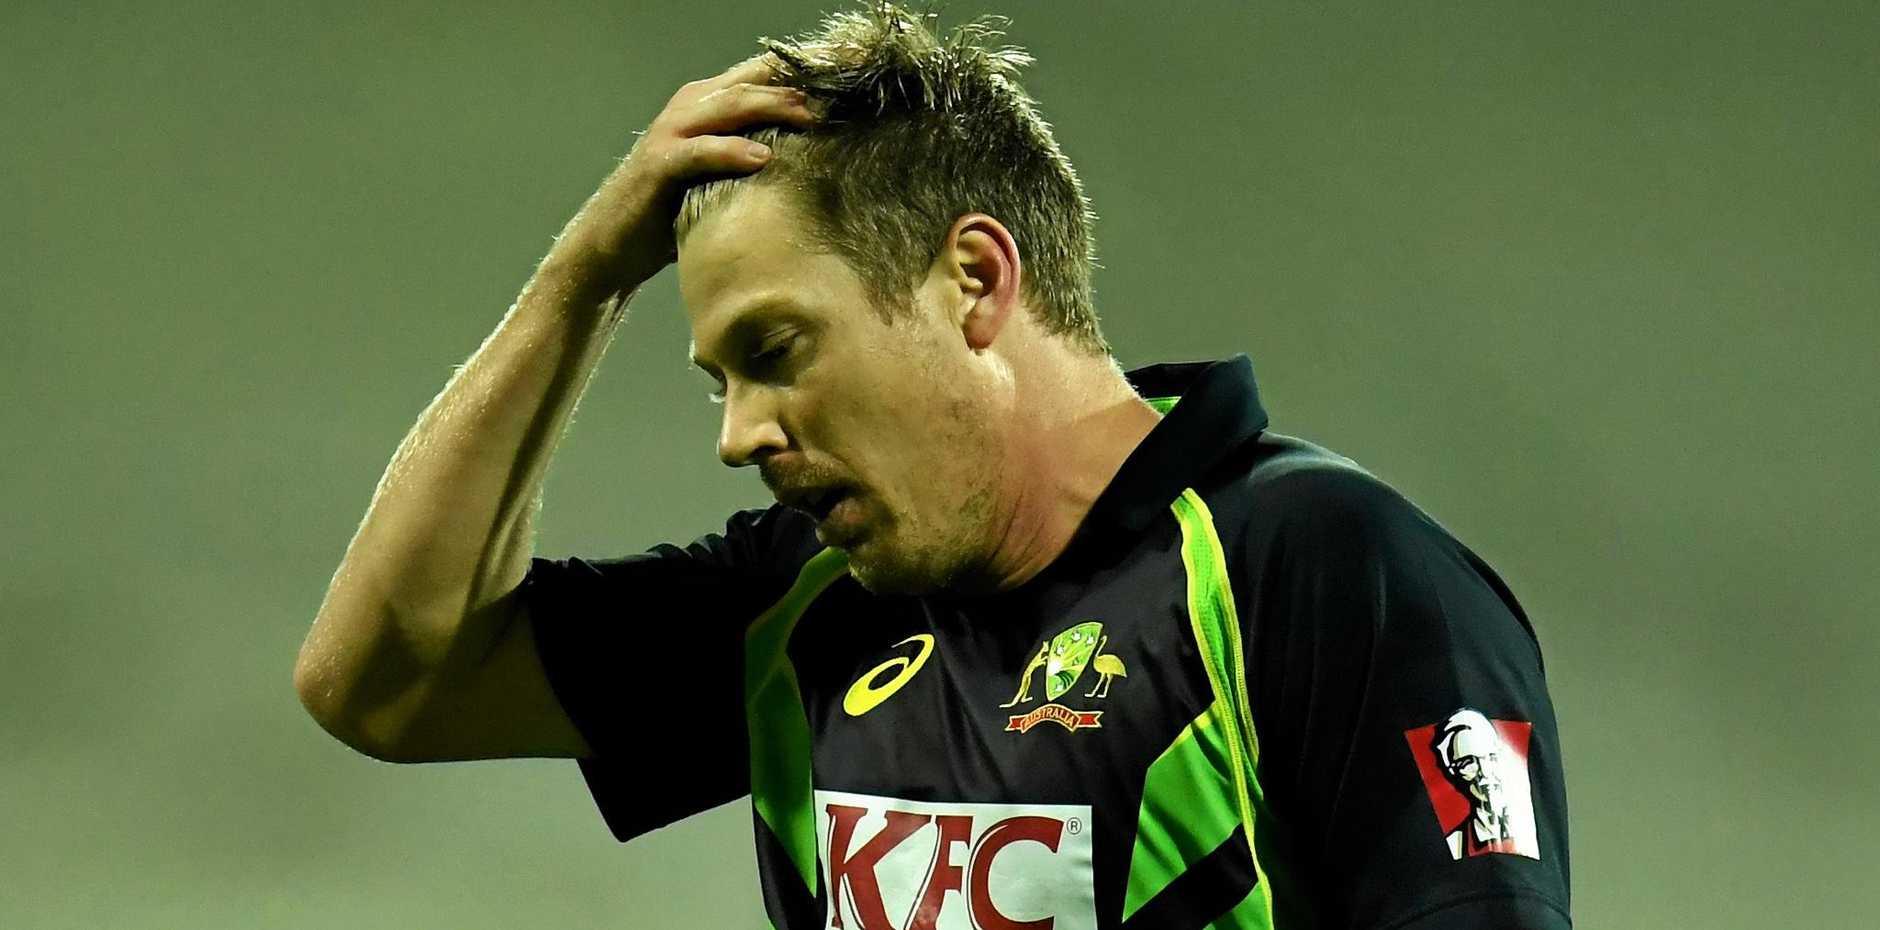 Australia's James Faulkner during the T20 international against Sri Lanka in Geelong in February.